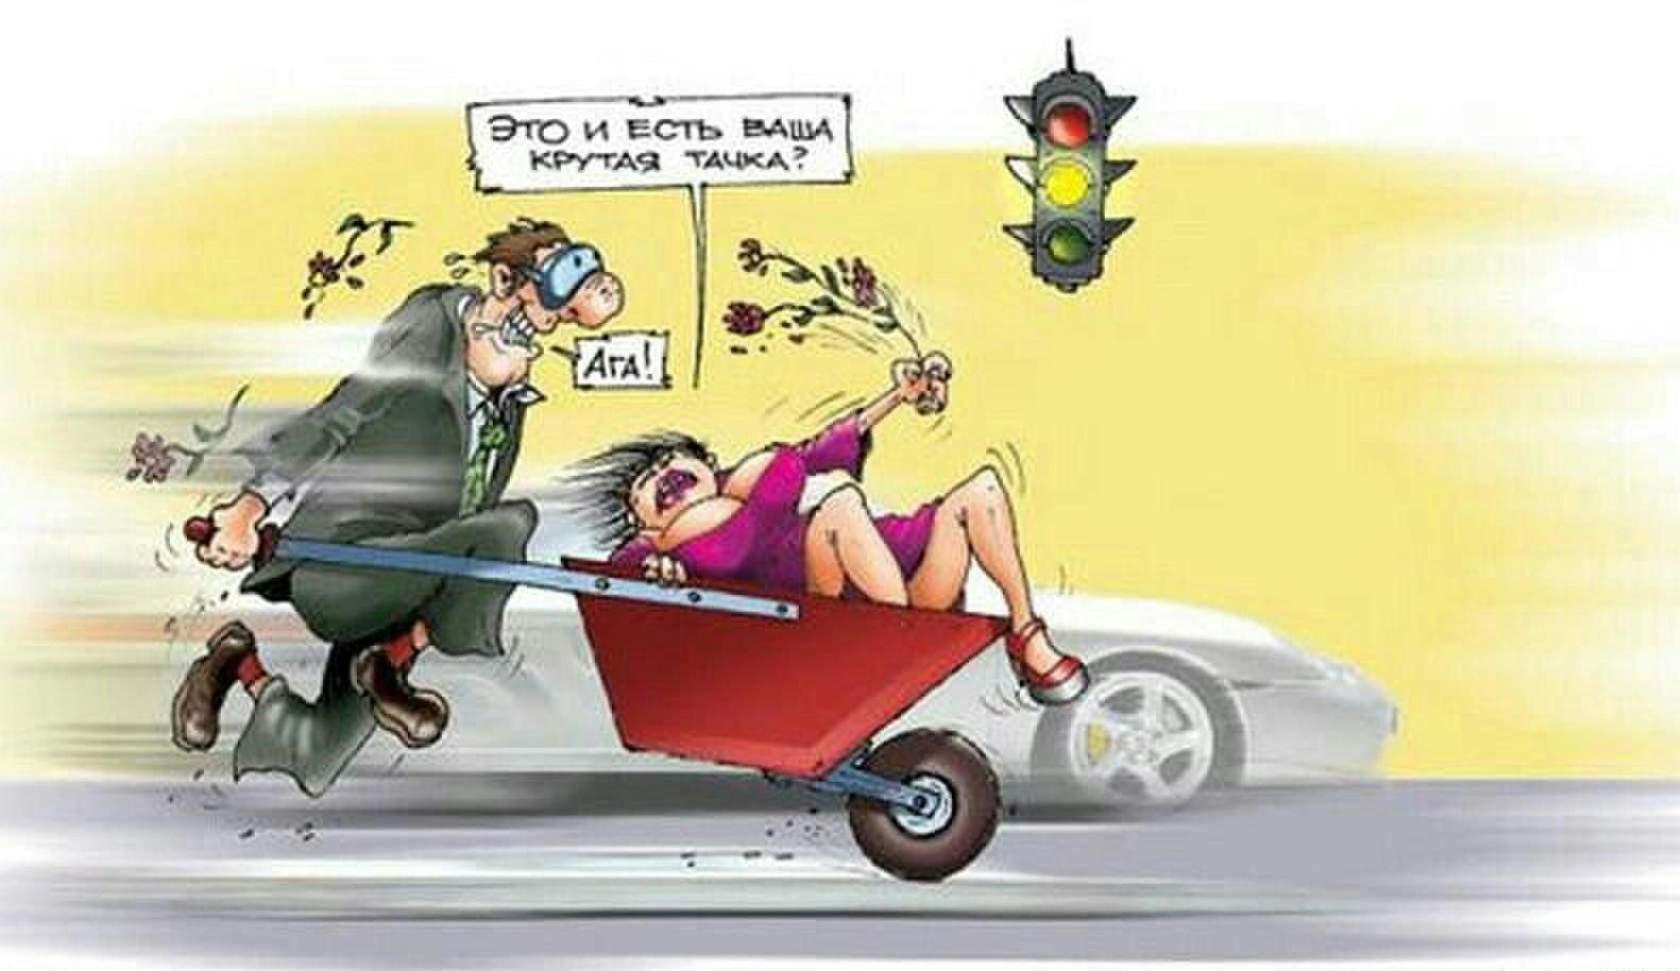 Анекдот: Муж ковыряется с трехколесным мотоциклом. Жена…